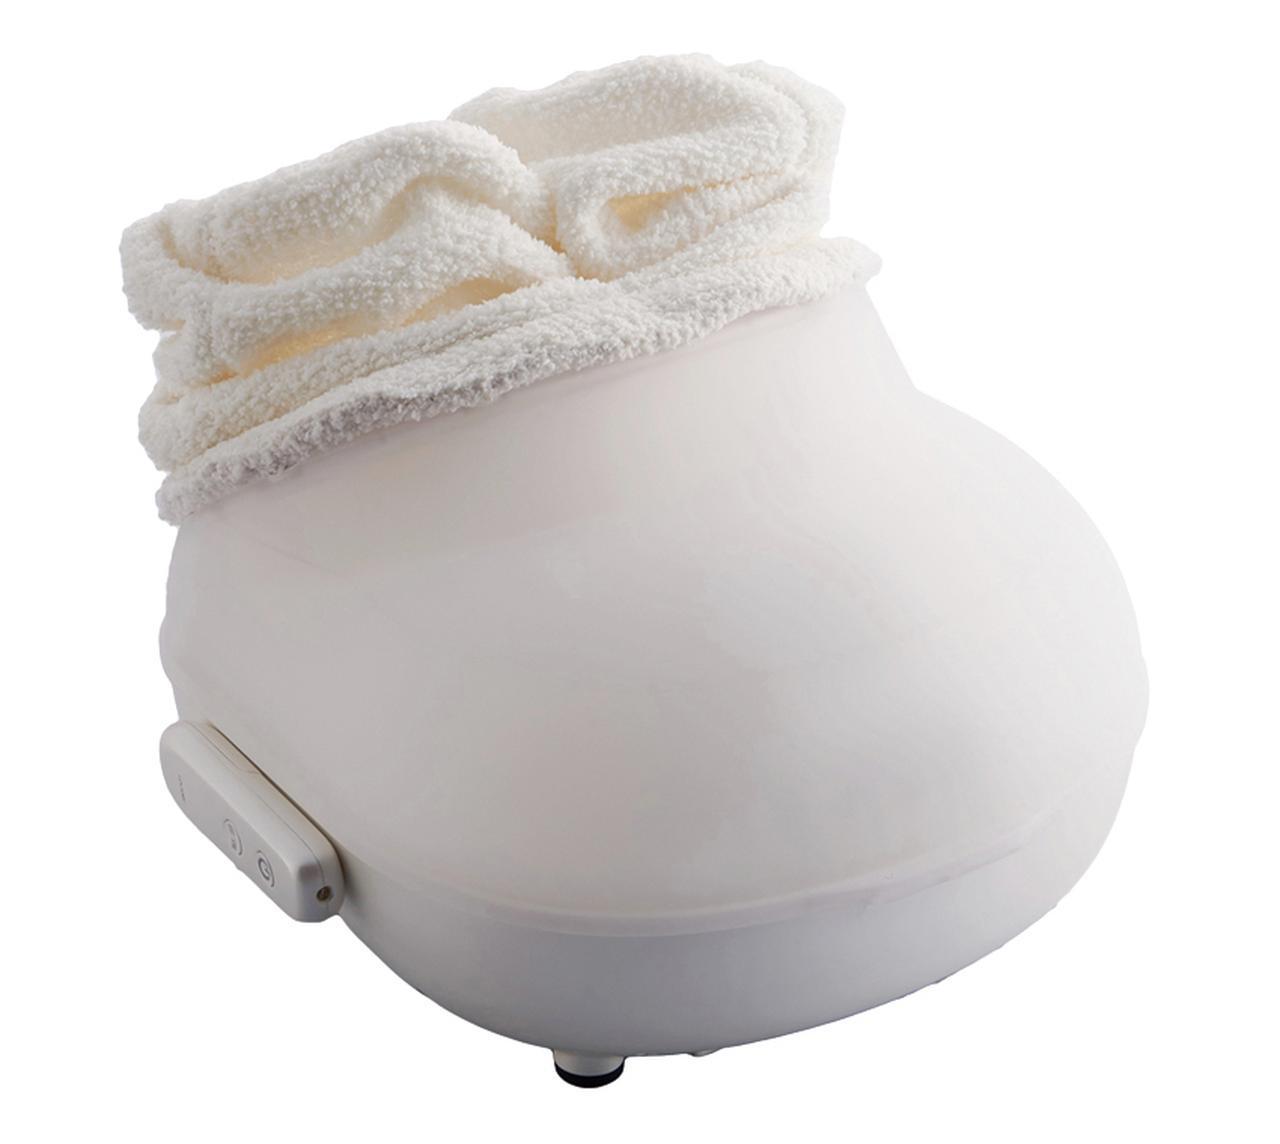 画像: カジュアルな新スタイルの足浴器。従来型のスチーム式に比べると、音が静かで電気代がかからず、より使いやすくなった。デザイン性が高く、置き場所にも困らない。